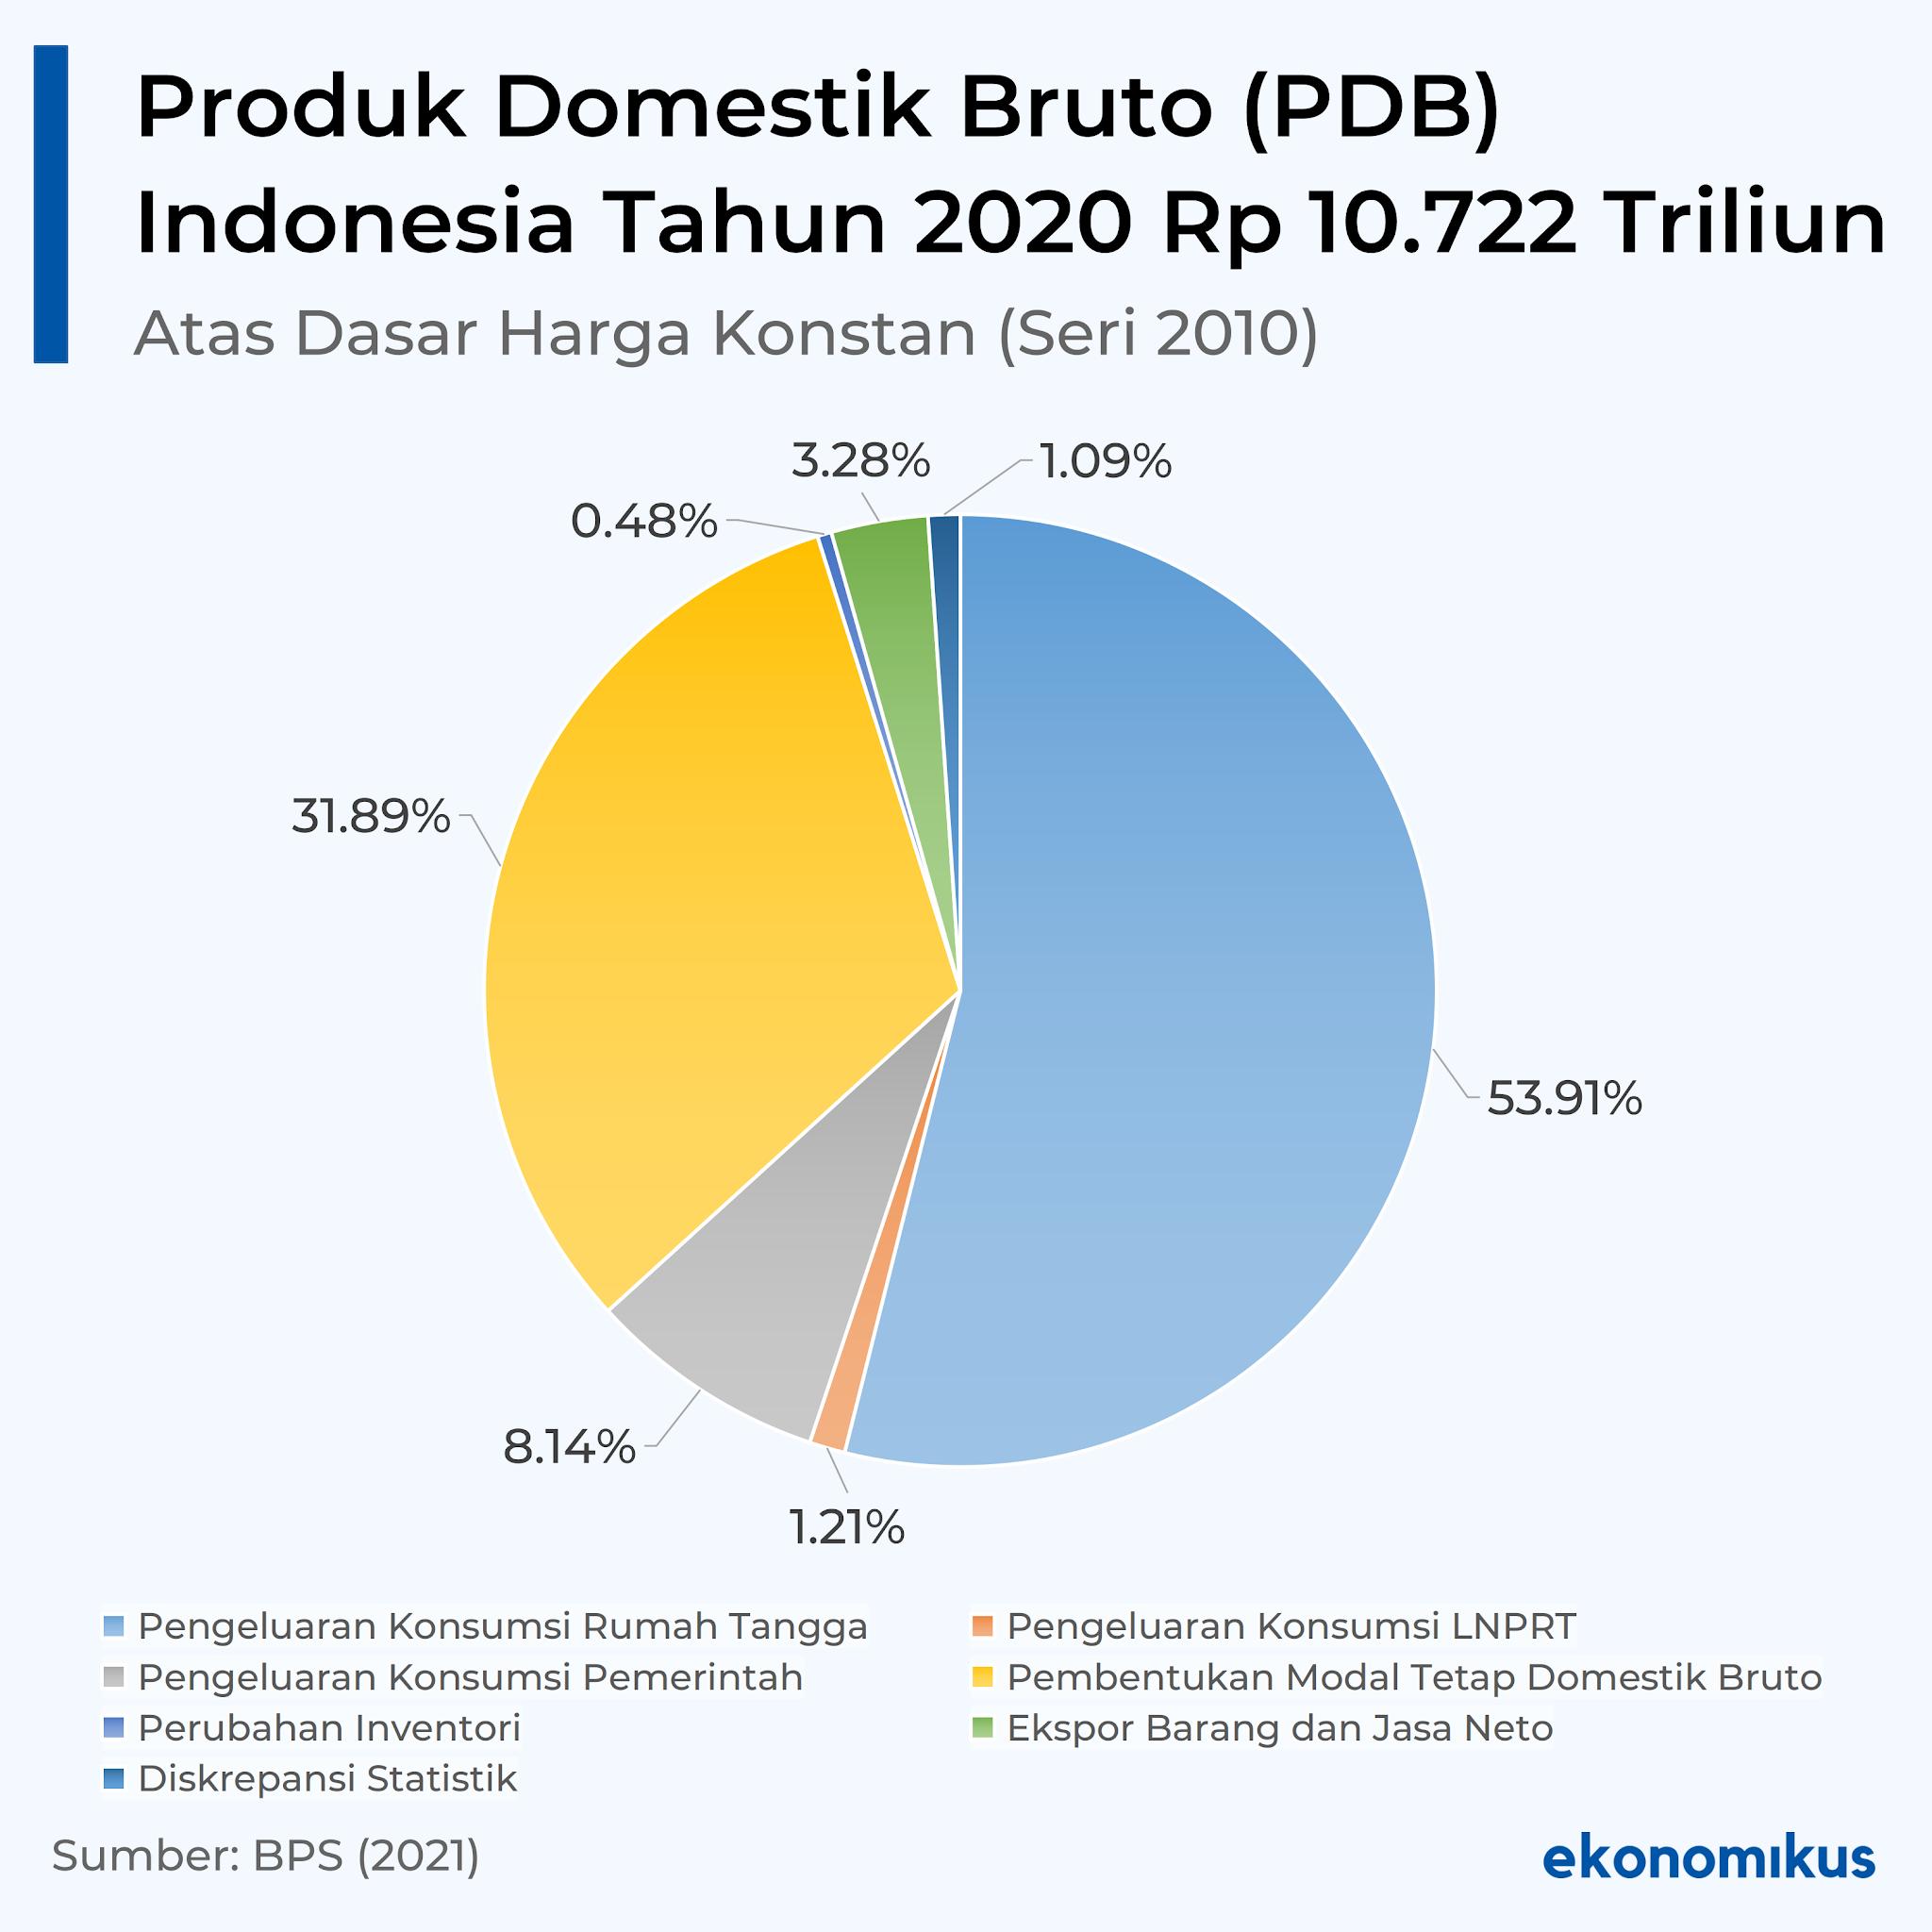 Produk Domestik Bruto (PDB) Indonesia Tahun 2020 Atas Dasar Harga Konstan